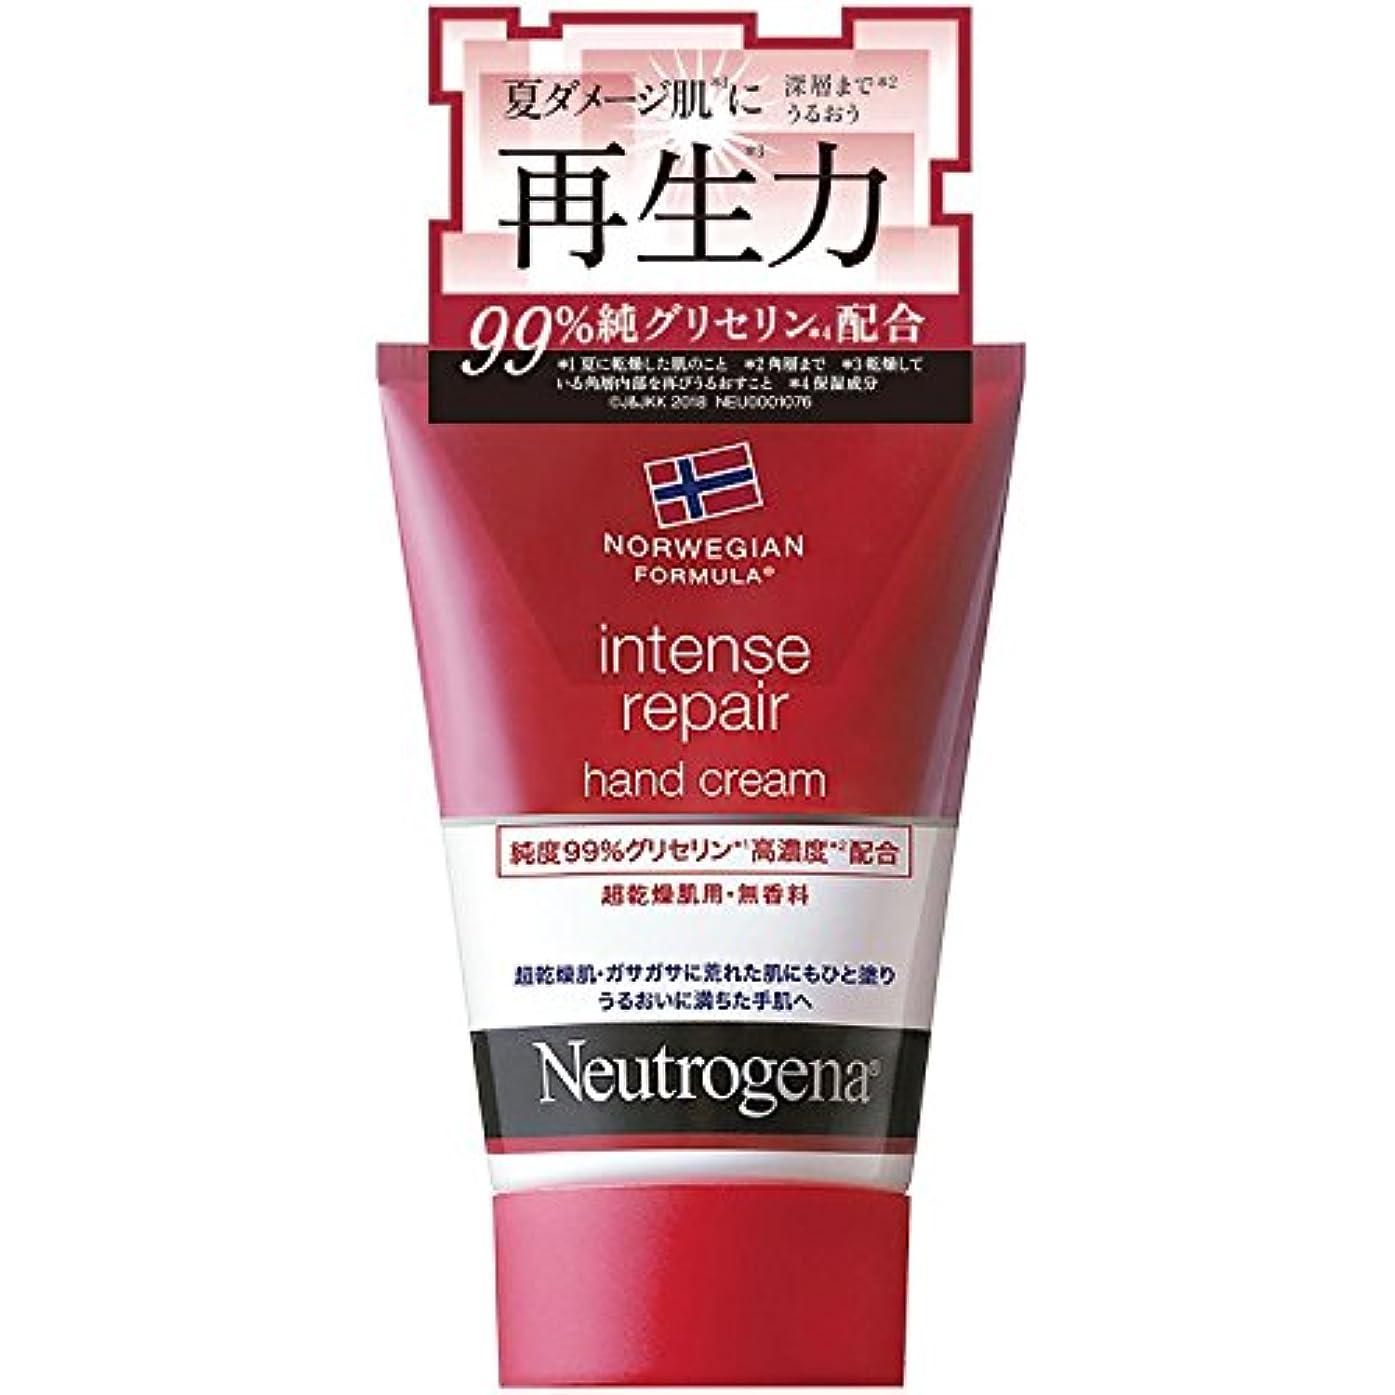 機械的にクマノミ怠けたNeutrogena(ニュートロジーナ) ノルウェーフォーミュラ インテンスリペア ハンドクリーム 超乾燥肌用 無香料 単品 50g